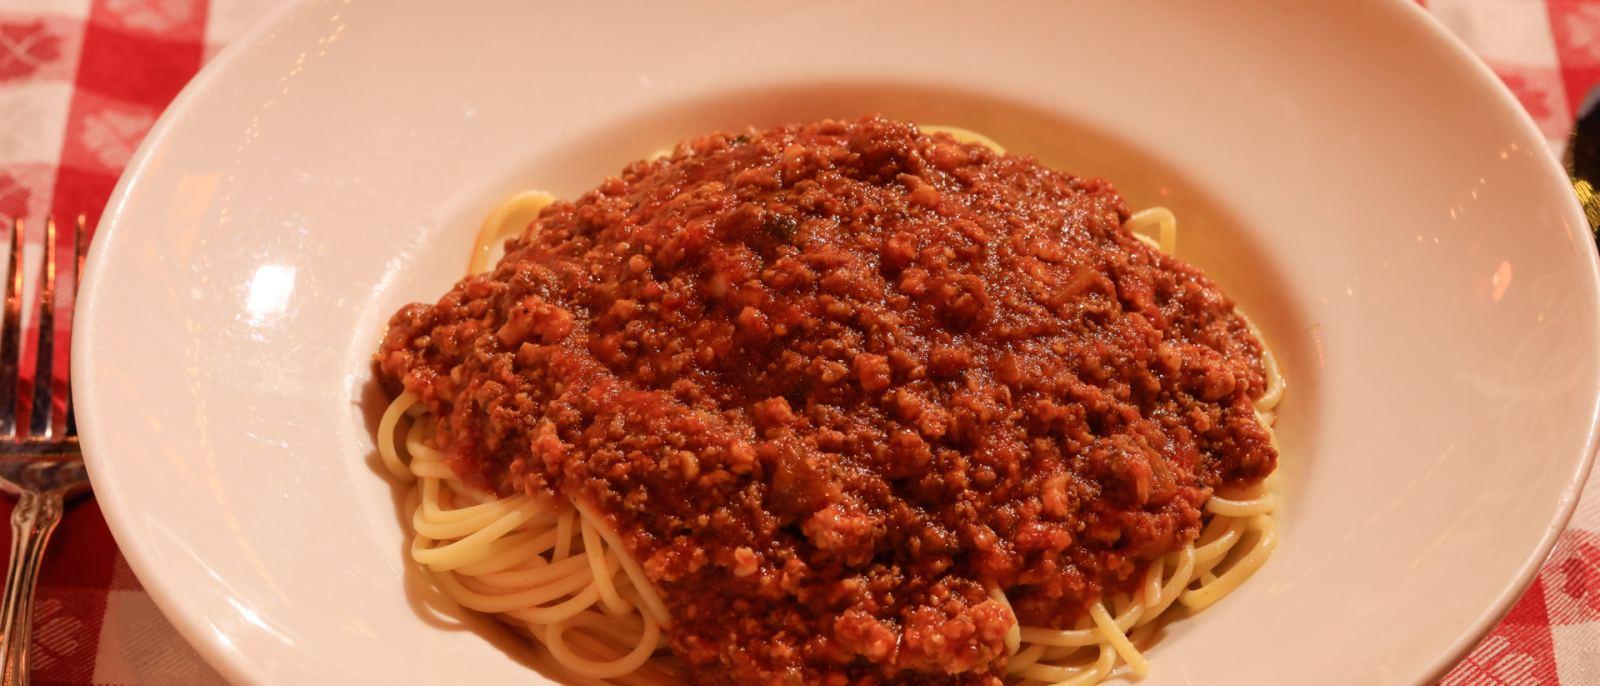 Dan Tana's Spaghetti Meat Sauce